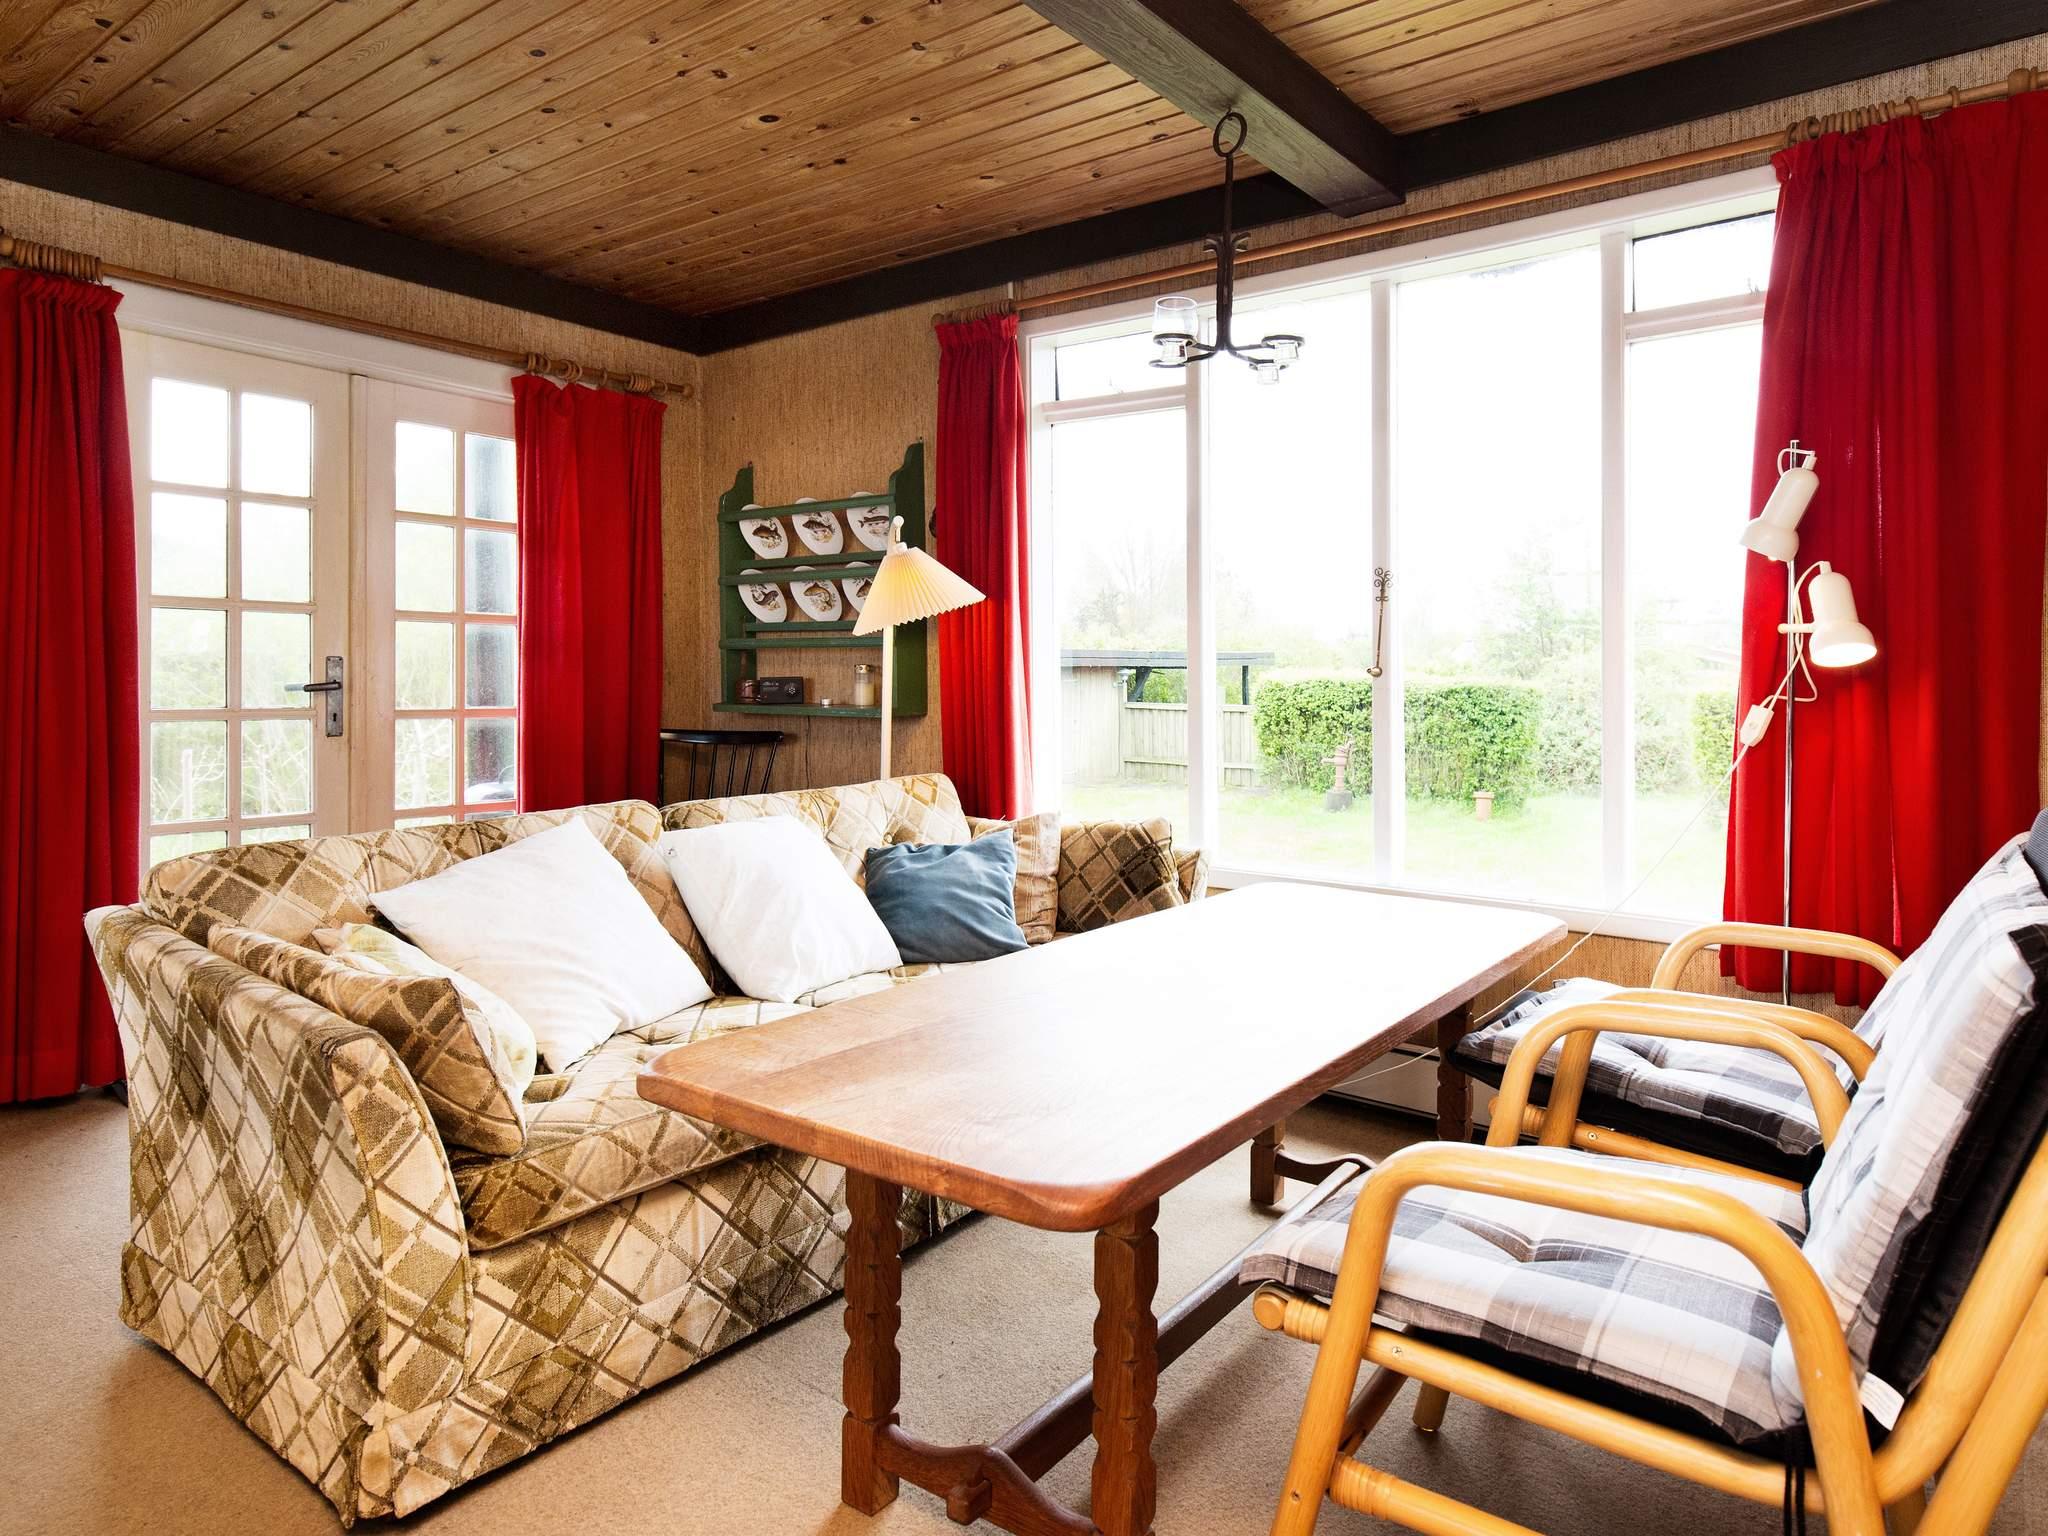 Ferienhaus Ulvshale (83468), Stege, , Møn, Dänemark, Bild 5